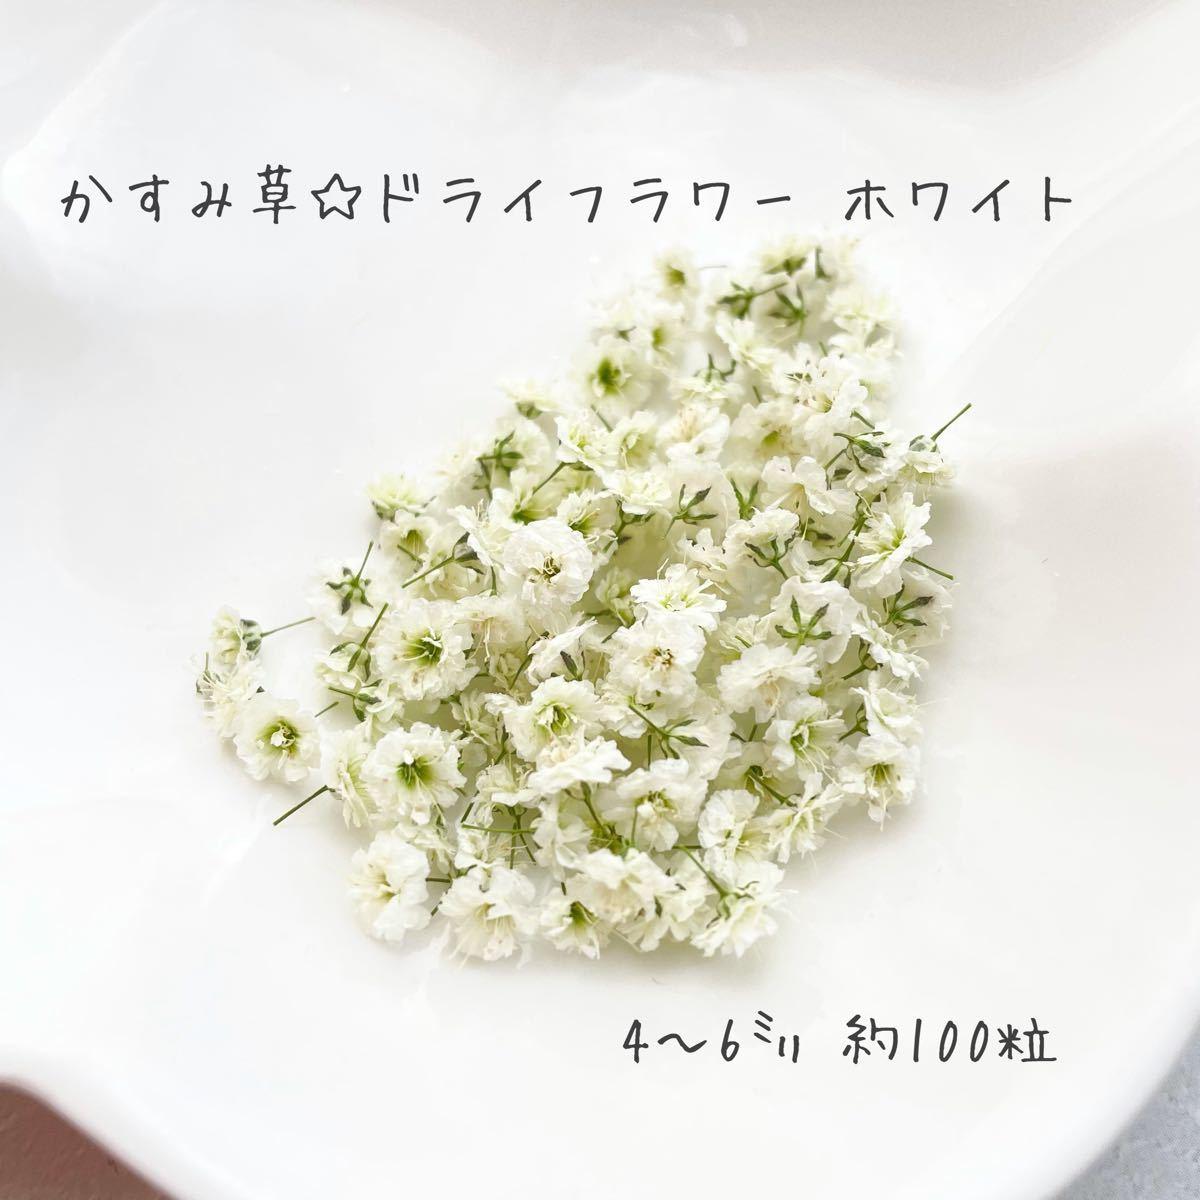 ハンドメイド☆かすみ草ドライフラワー ホワイト